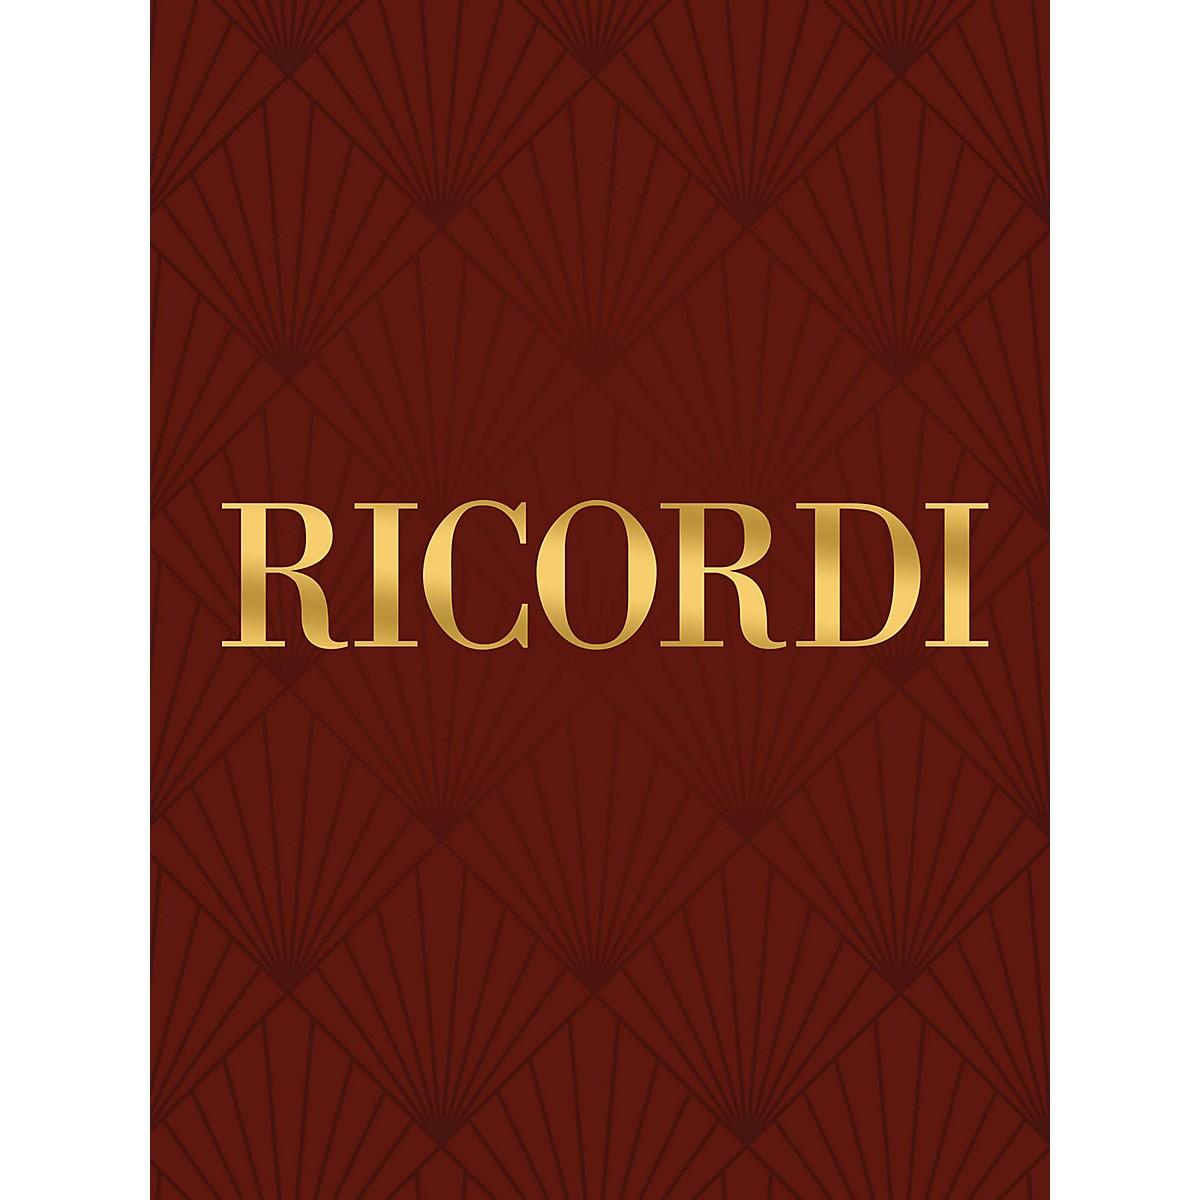 Ricordi Ave Maria SATB a cappella, Lat (Vocal Score) SATB Composed by Giuseppe Verdi